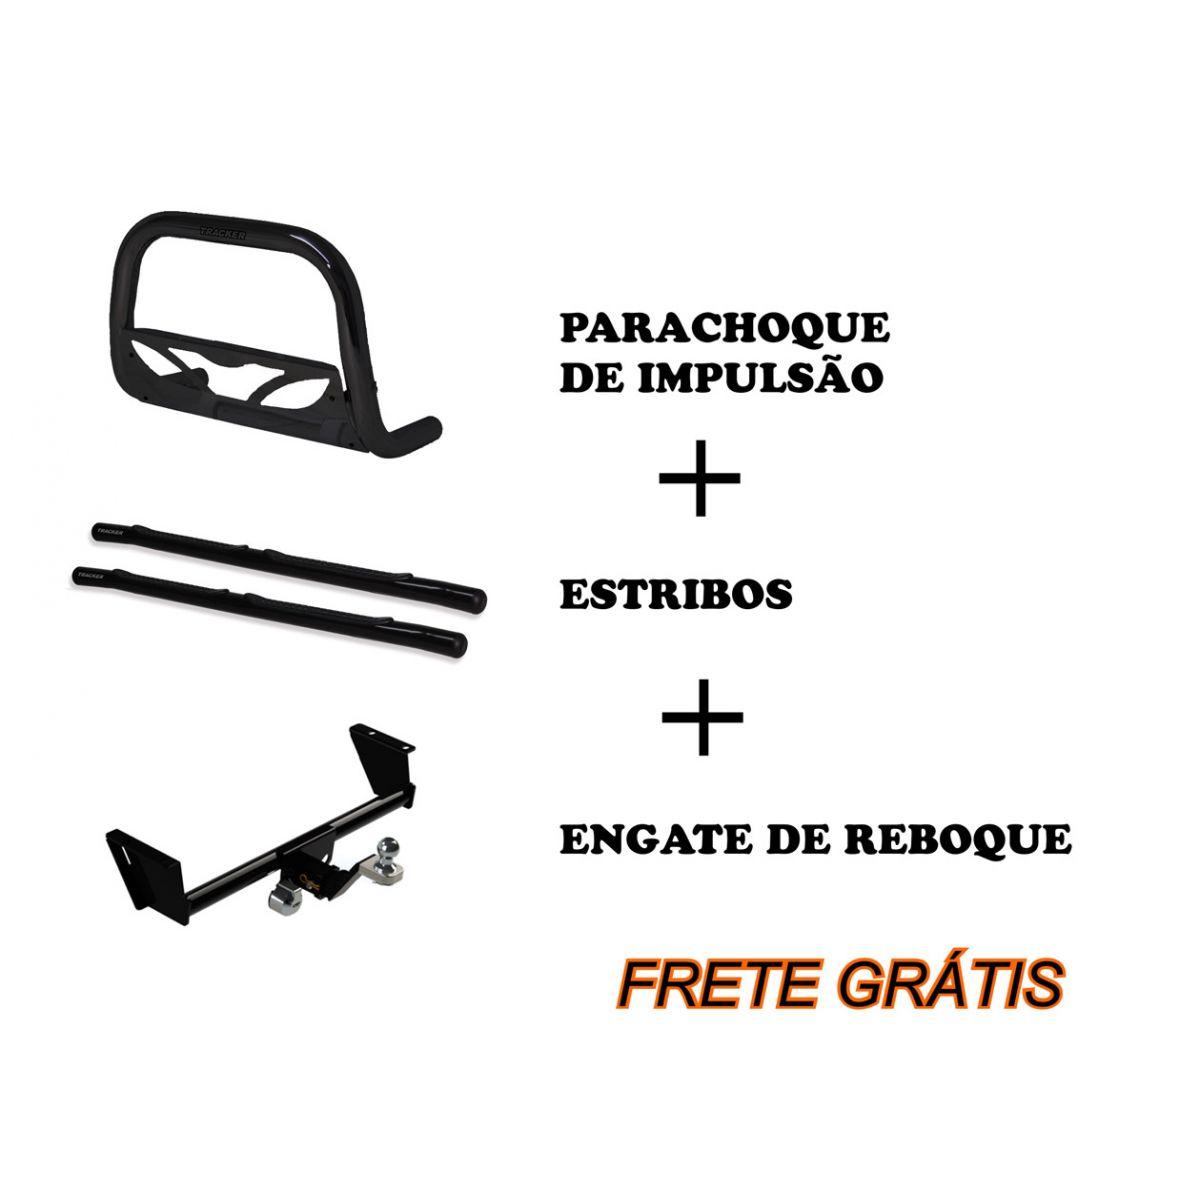 Kit acessórios gm tracker - estribo quebra mato e engate de reboque  - TERRA DE ASFALTO ACESSÓRIOS